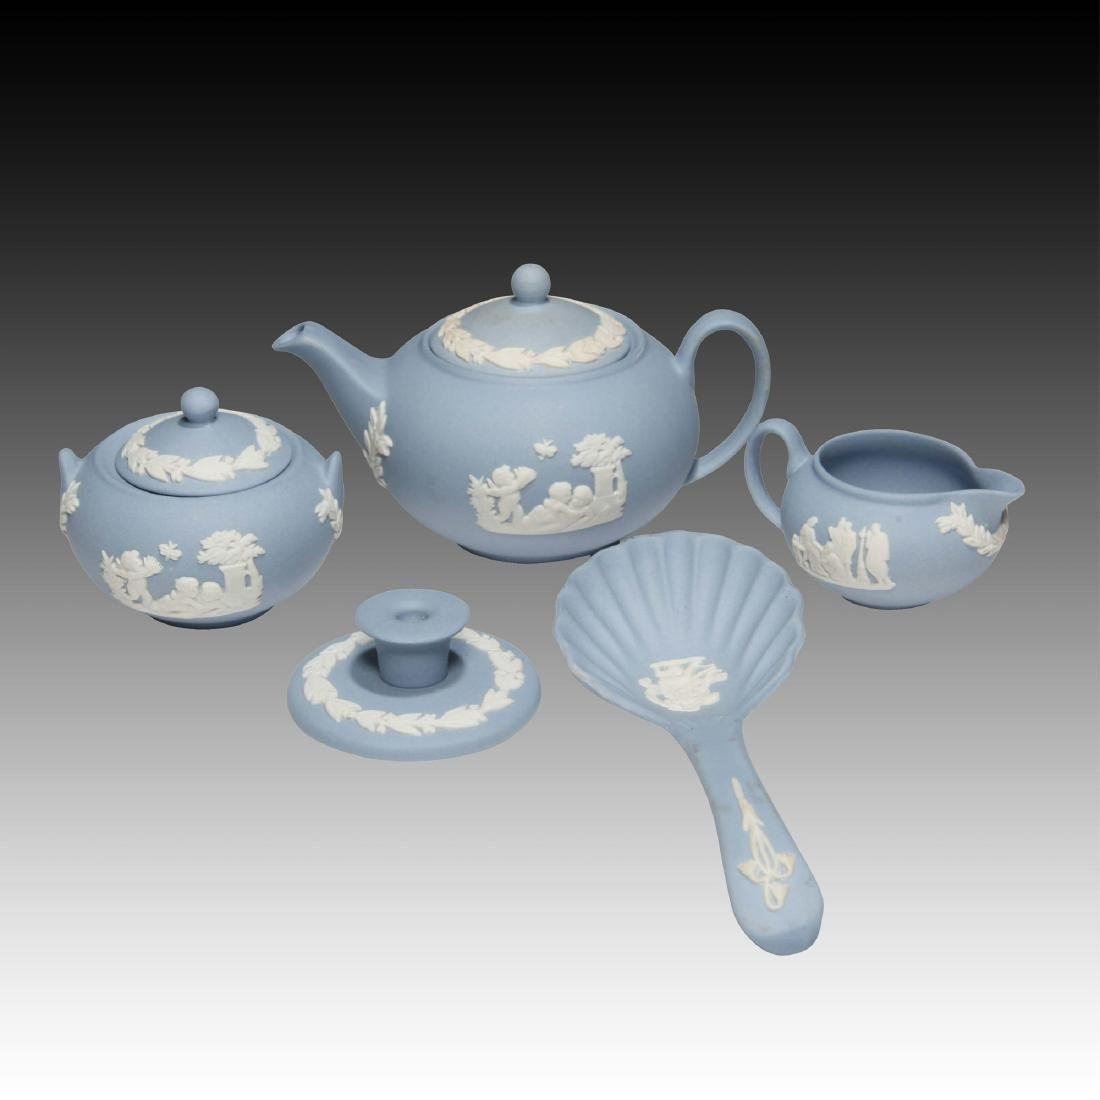 5 peice Wedgwood Jasperware Miniature tea set